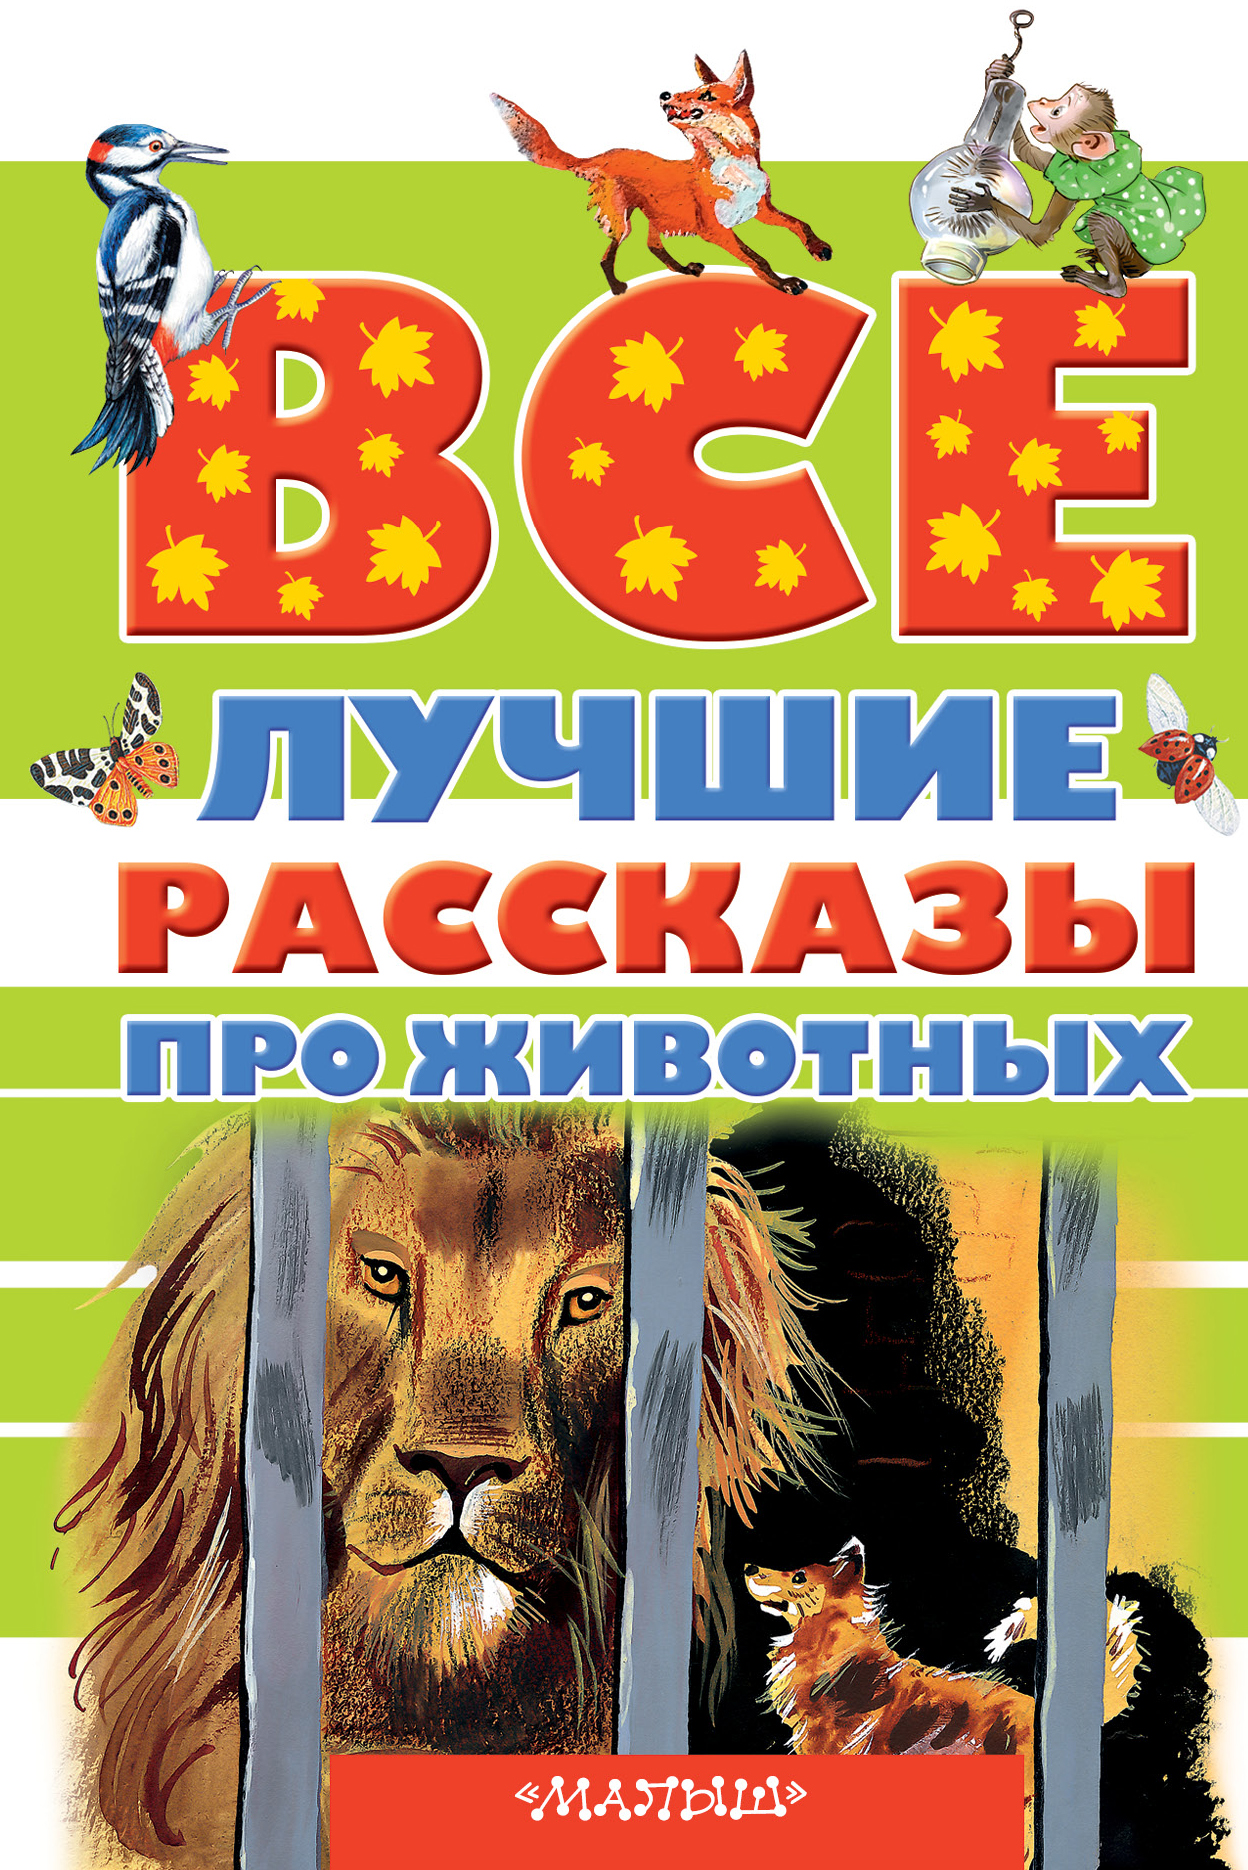 Все лучшие рассказы про животных ( Успенский Э.Н., Зощенко М.М., Бианки В.В.  )